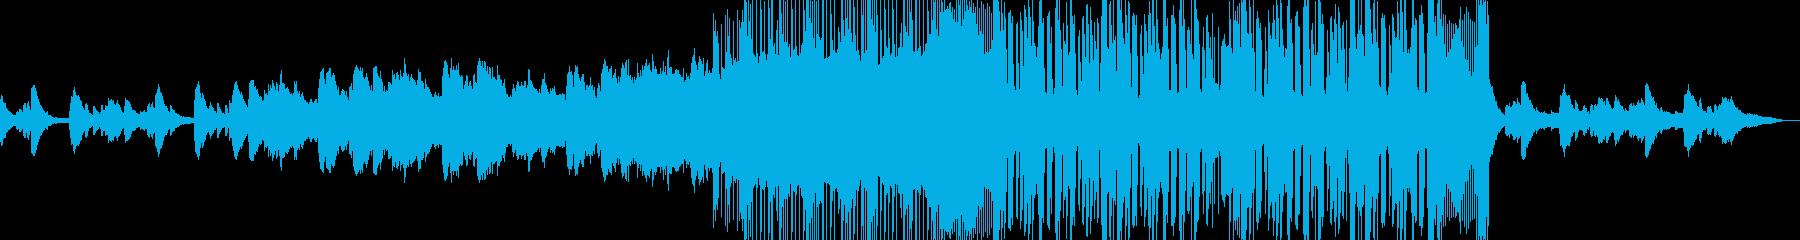 ゲーム・ミステリーな始まりのオーケストラの再生済みの波形